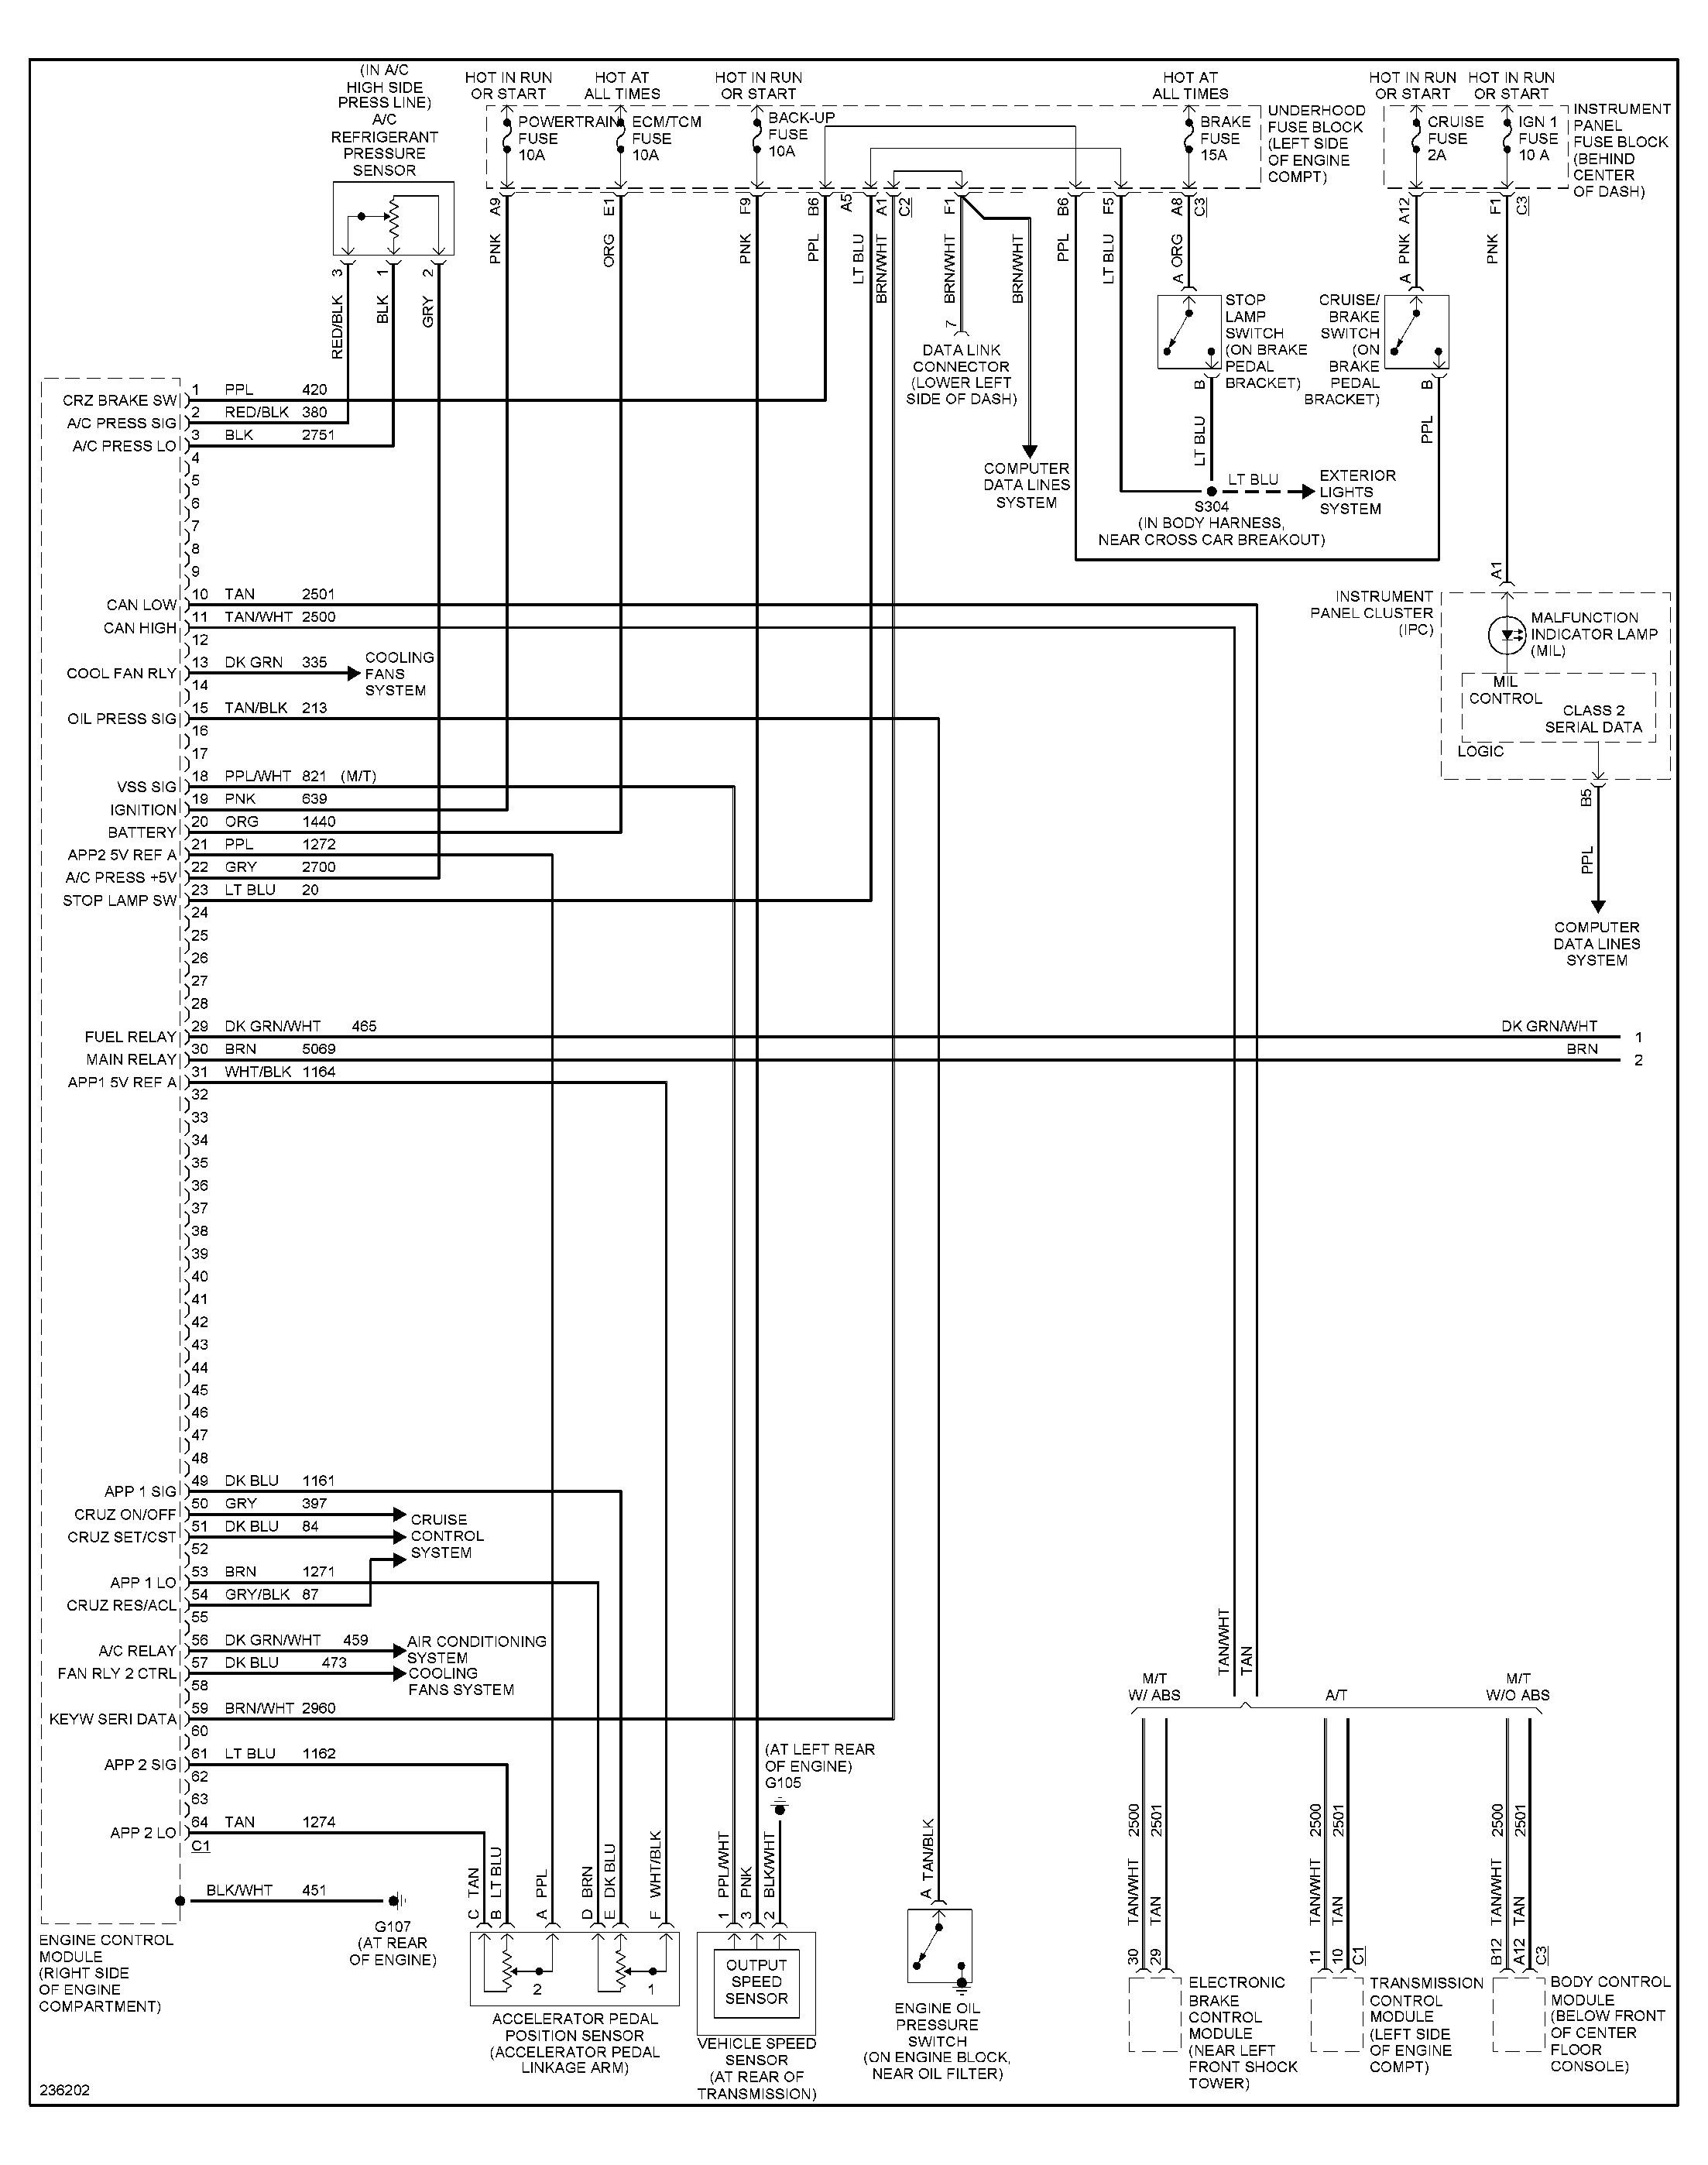 2008 Saturn Vue Radio Wiring Diagram 2008 Saturn Vue Wiring Diagram Wiring Diagram